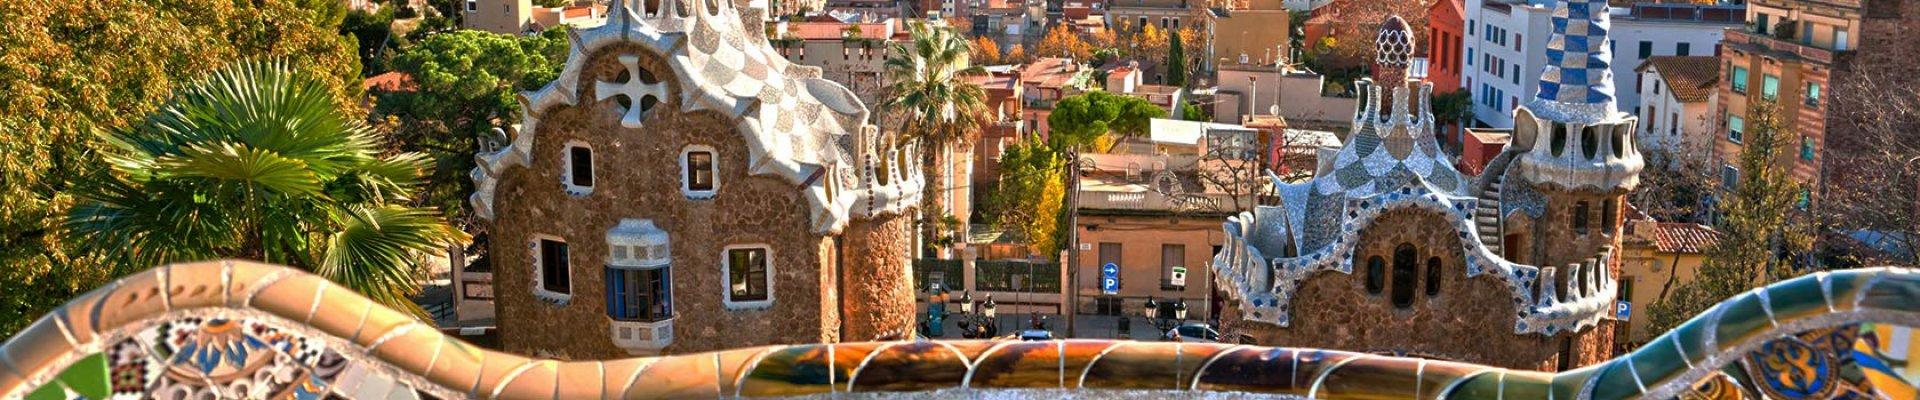 Single reizen Argeles sur Mer